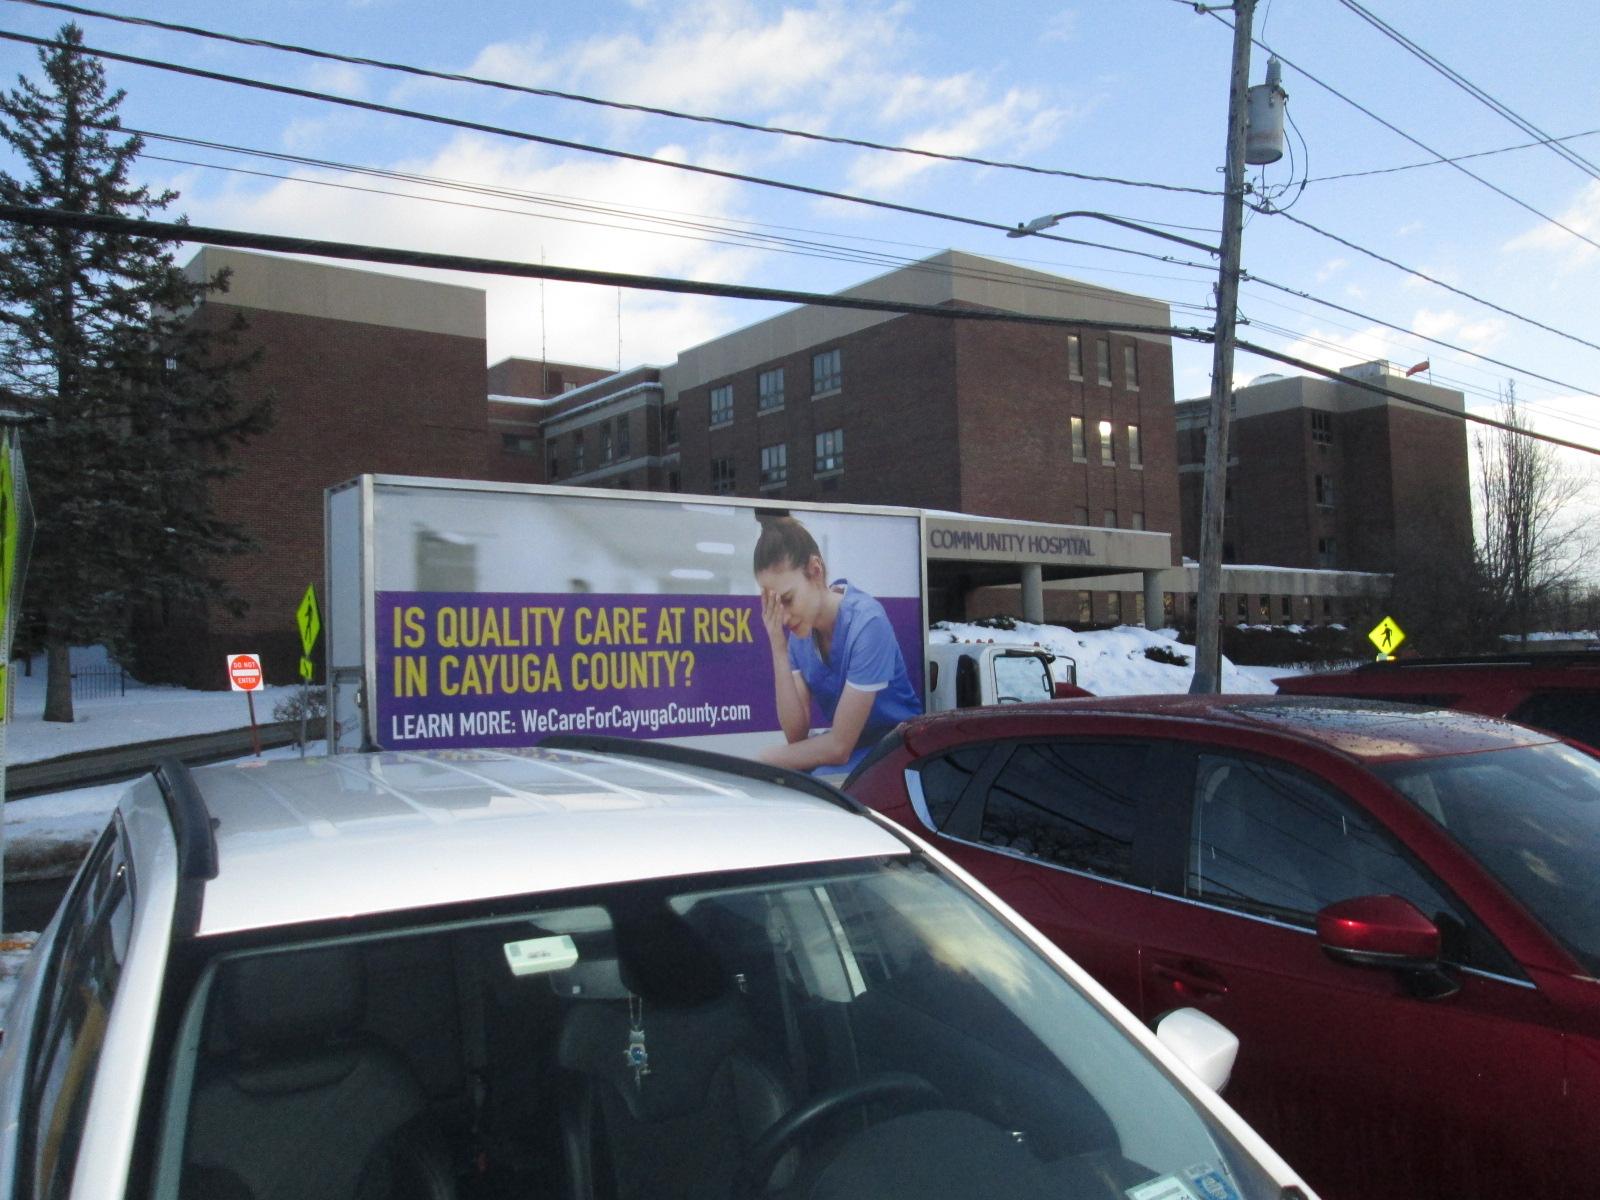 Mobile billboard ad supporting a health care labor union